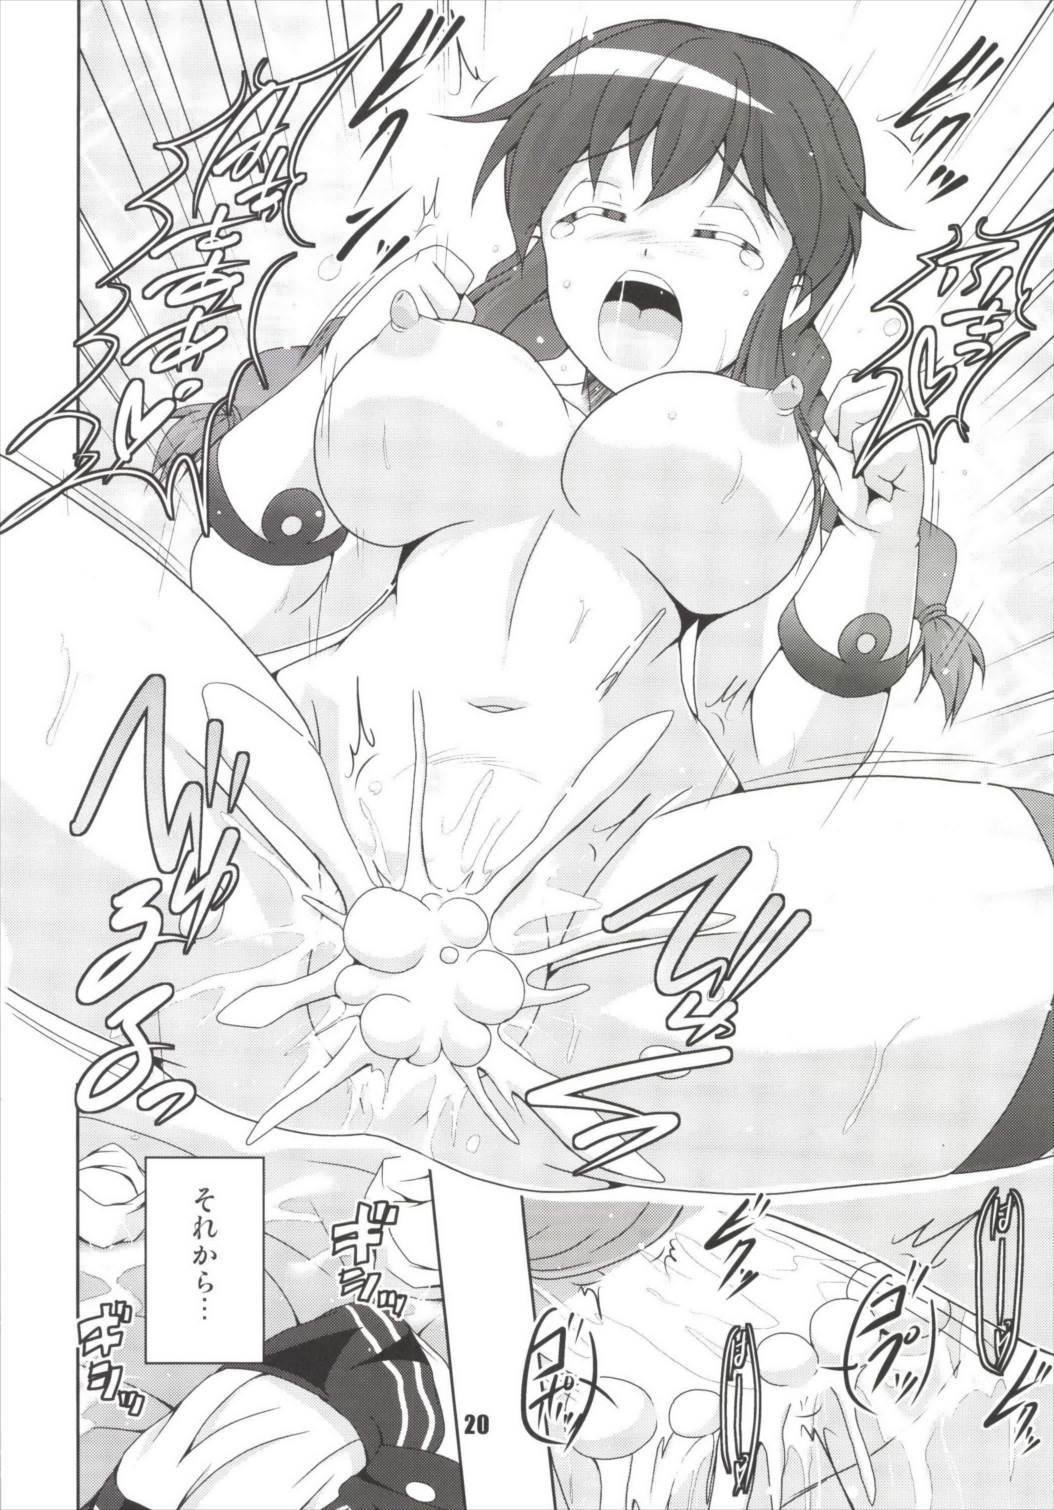 Noshiro no Deban wa Mada desu ka? 19